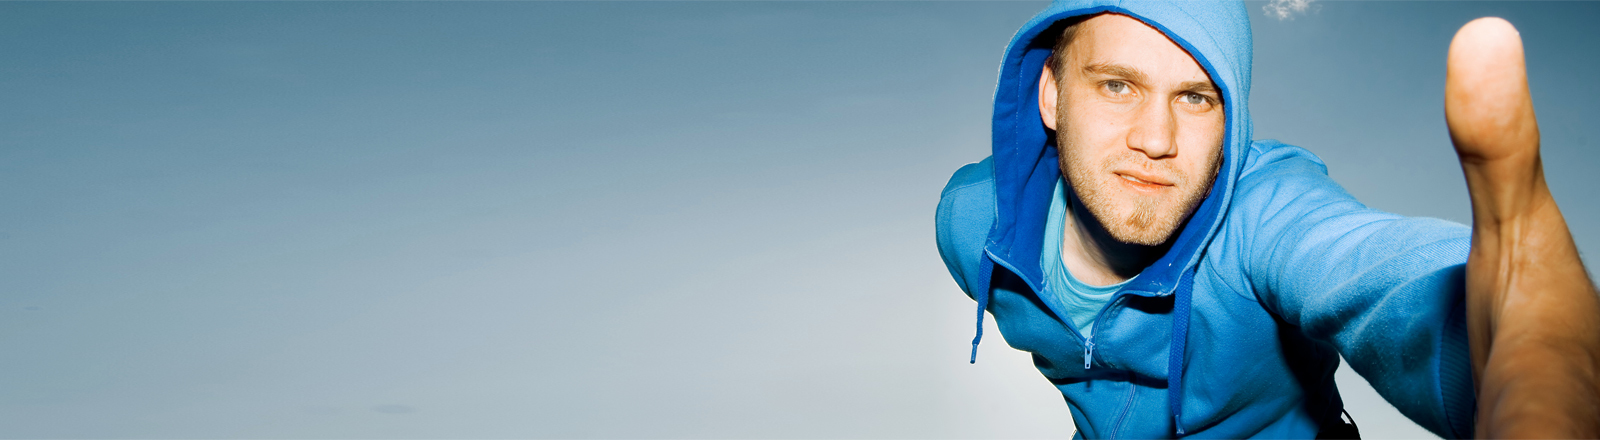 Ein junger Mann in blauem Kaputzenpulli streckt die Hand Richtung Kamera.